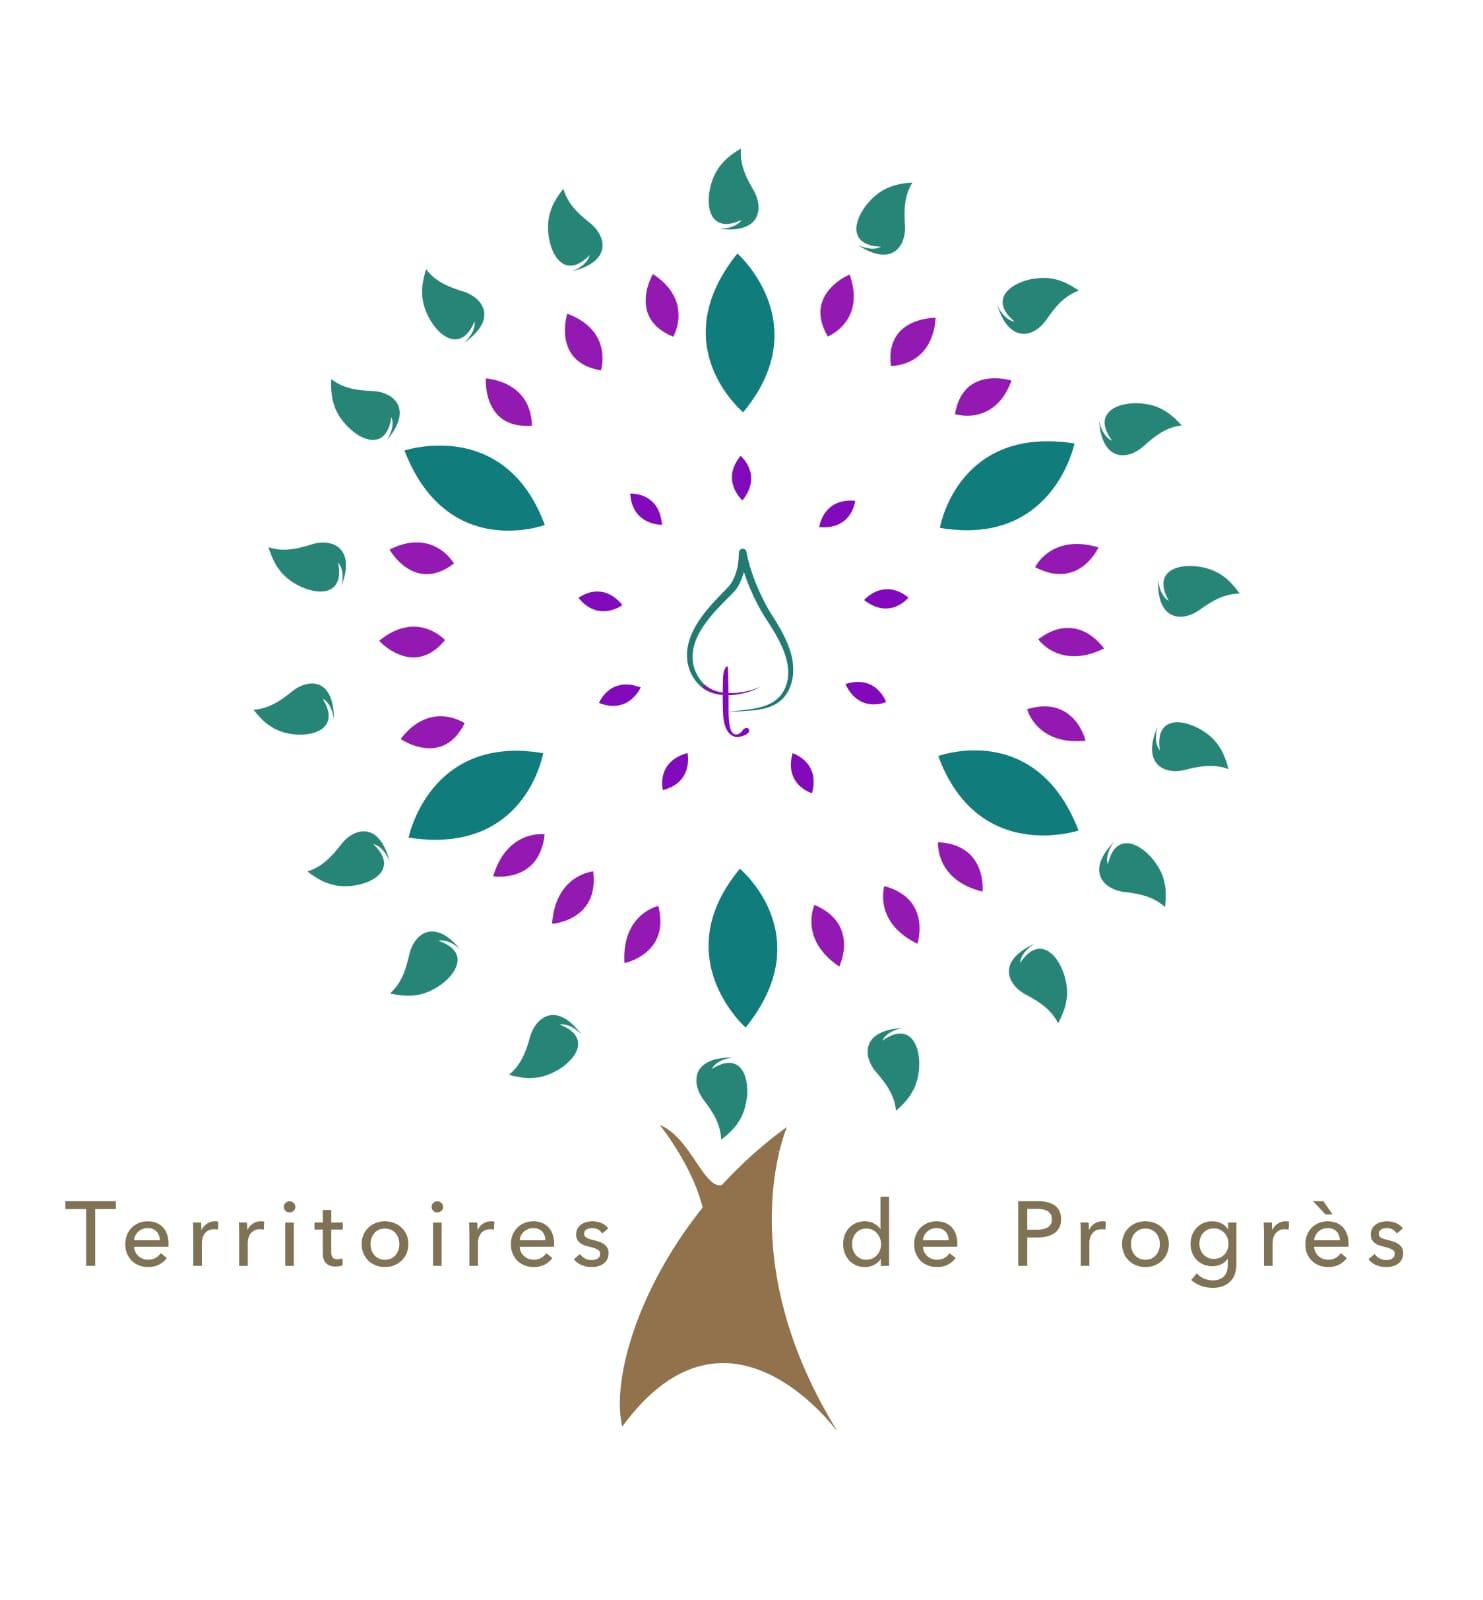 Territoires de Progrès